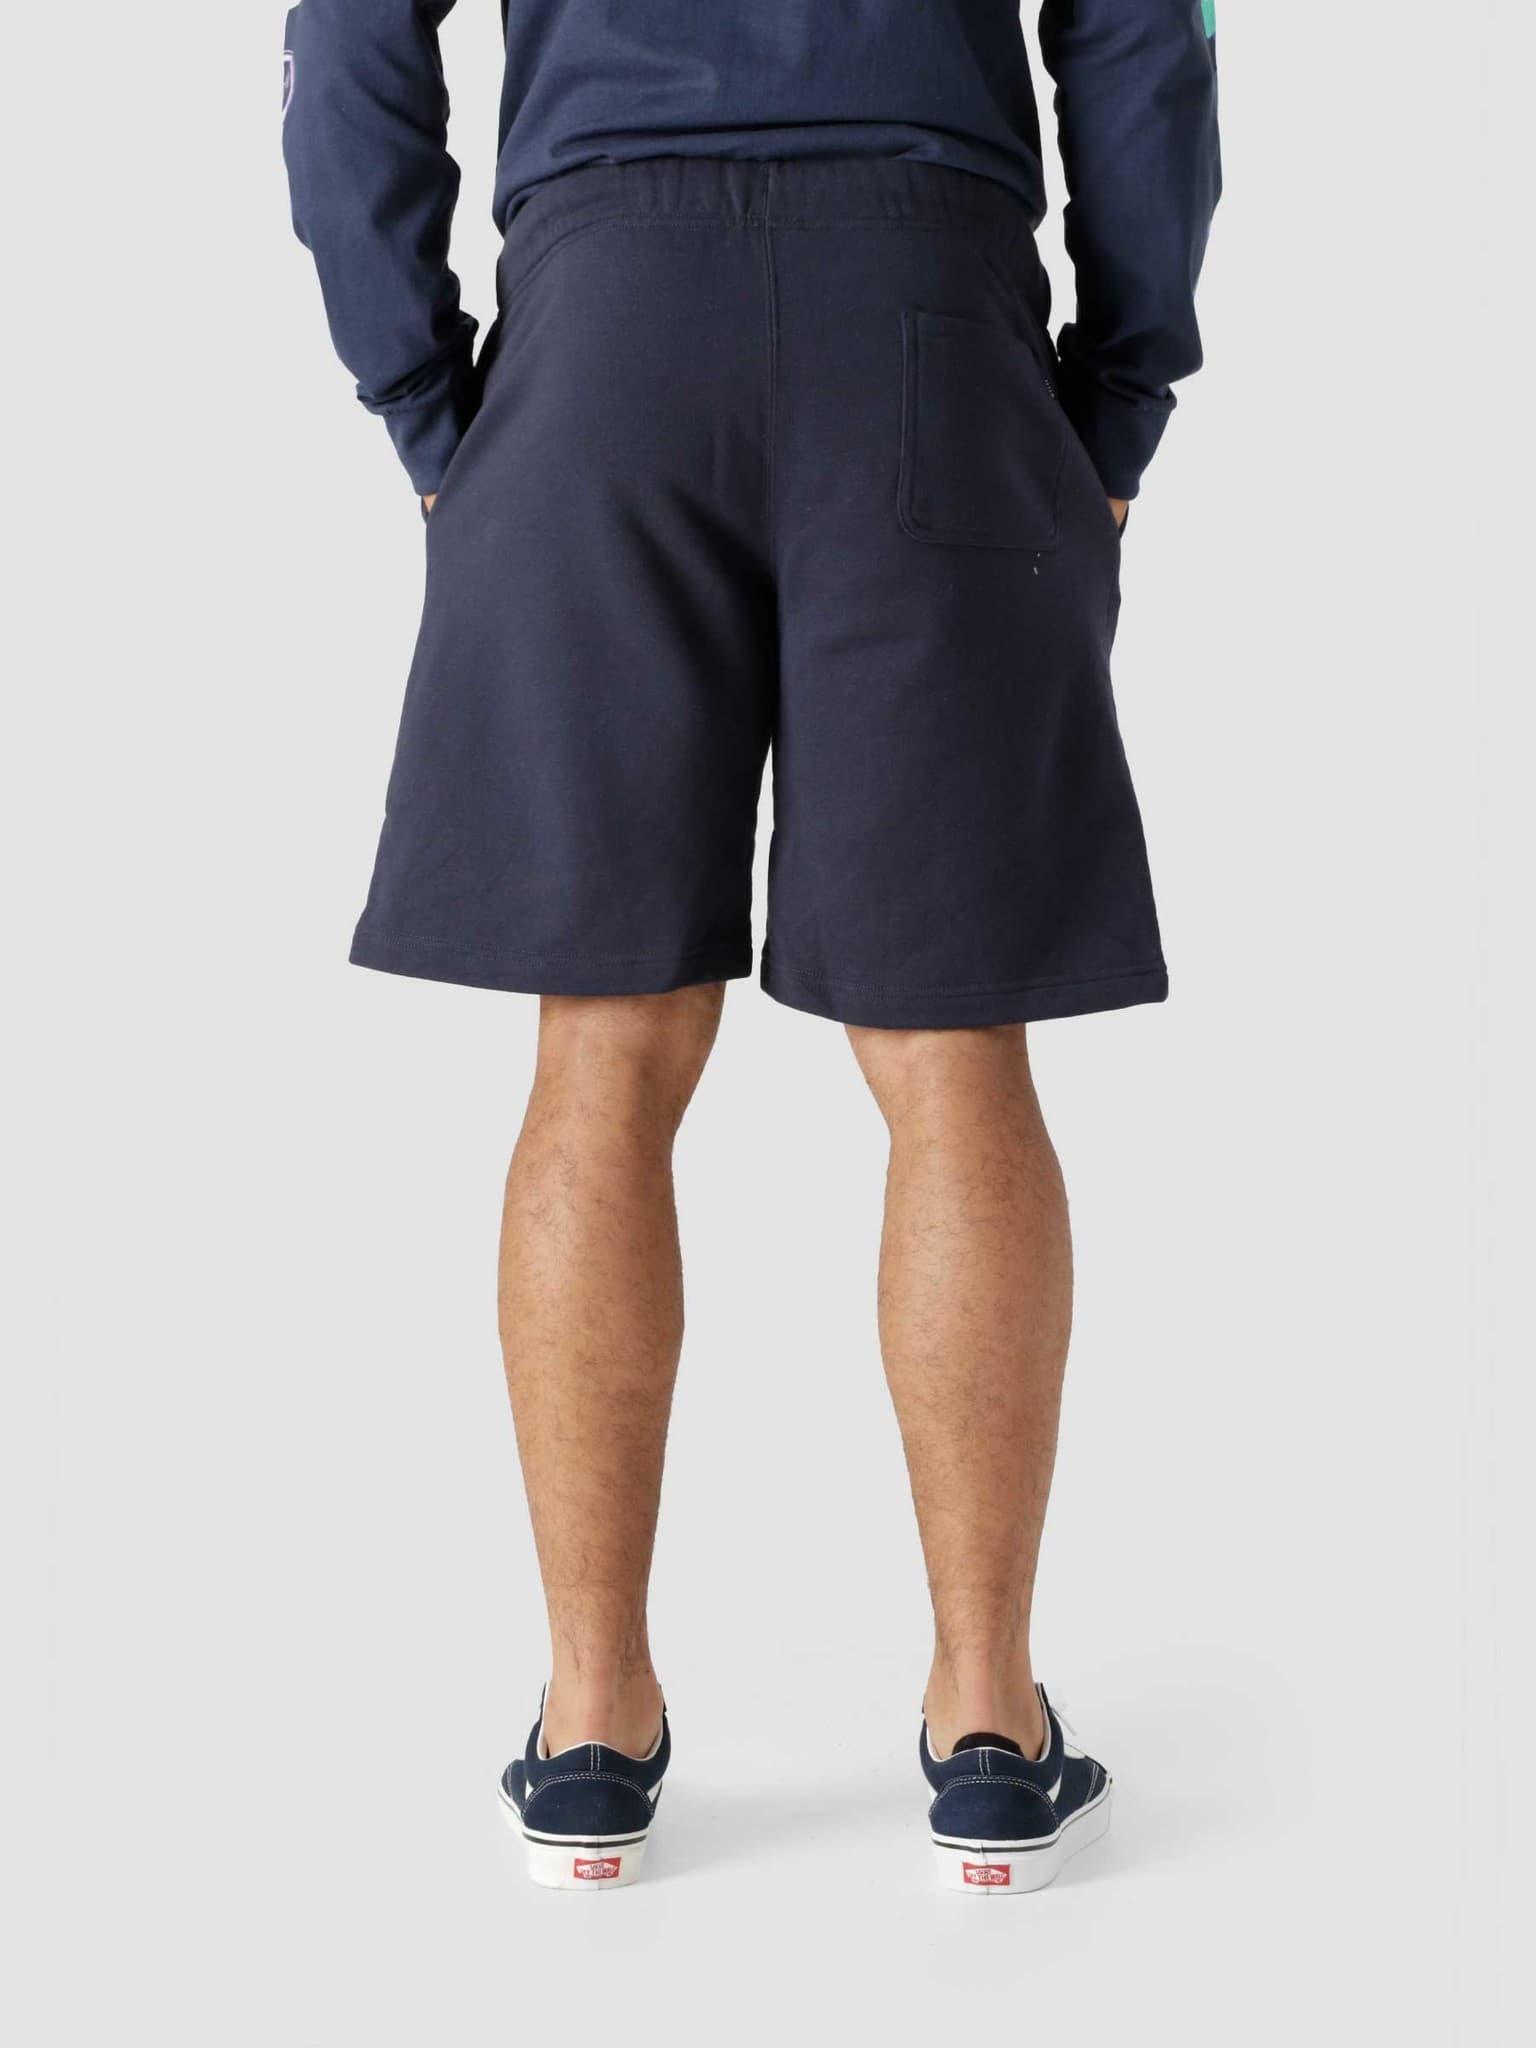 Adored Fleece Short Navy PT00185